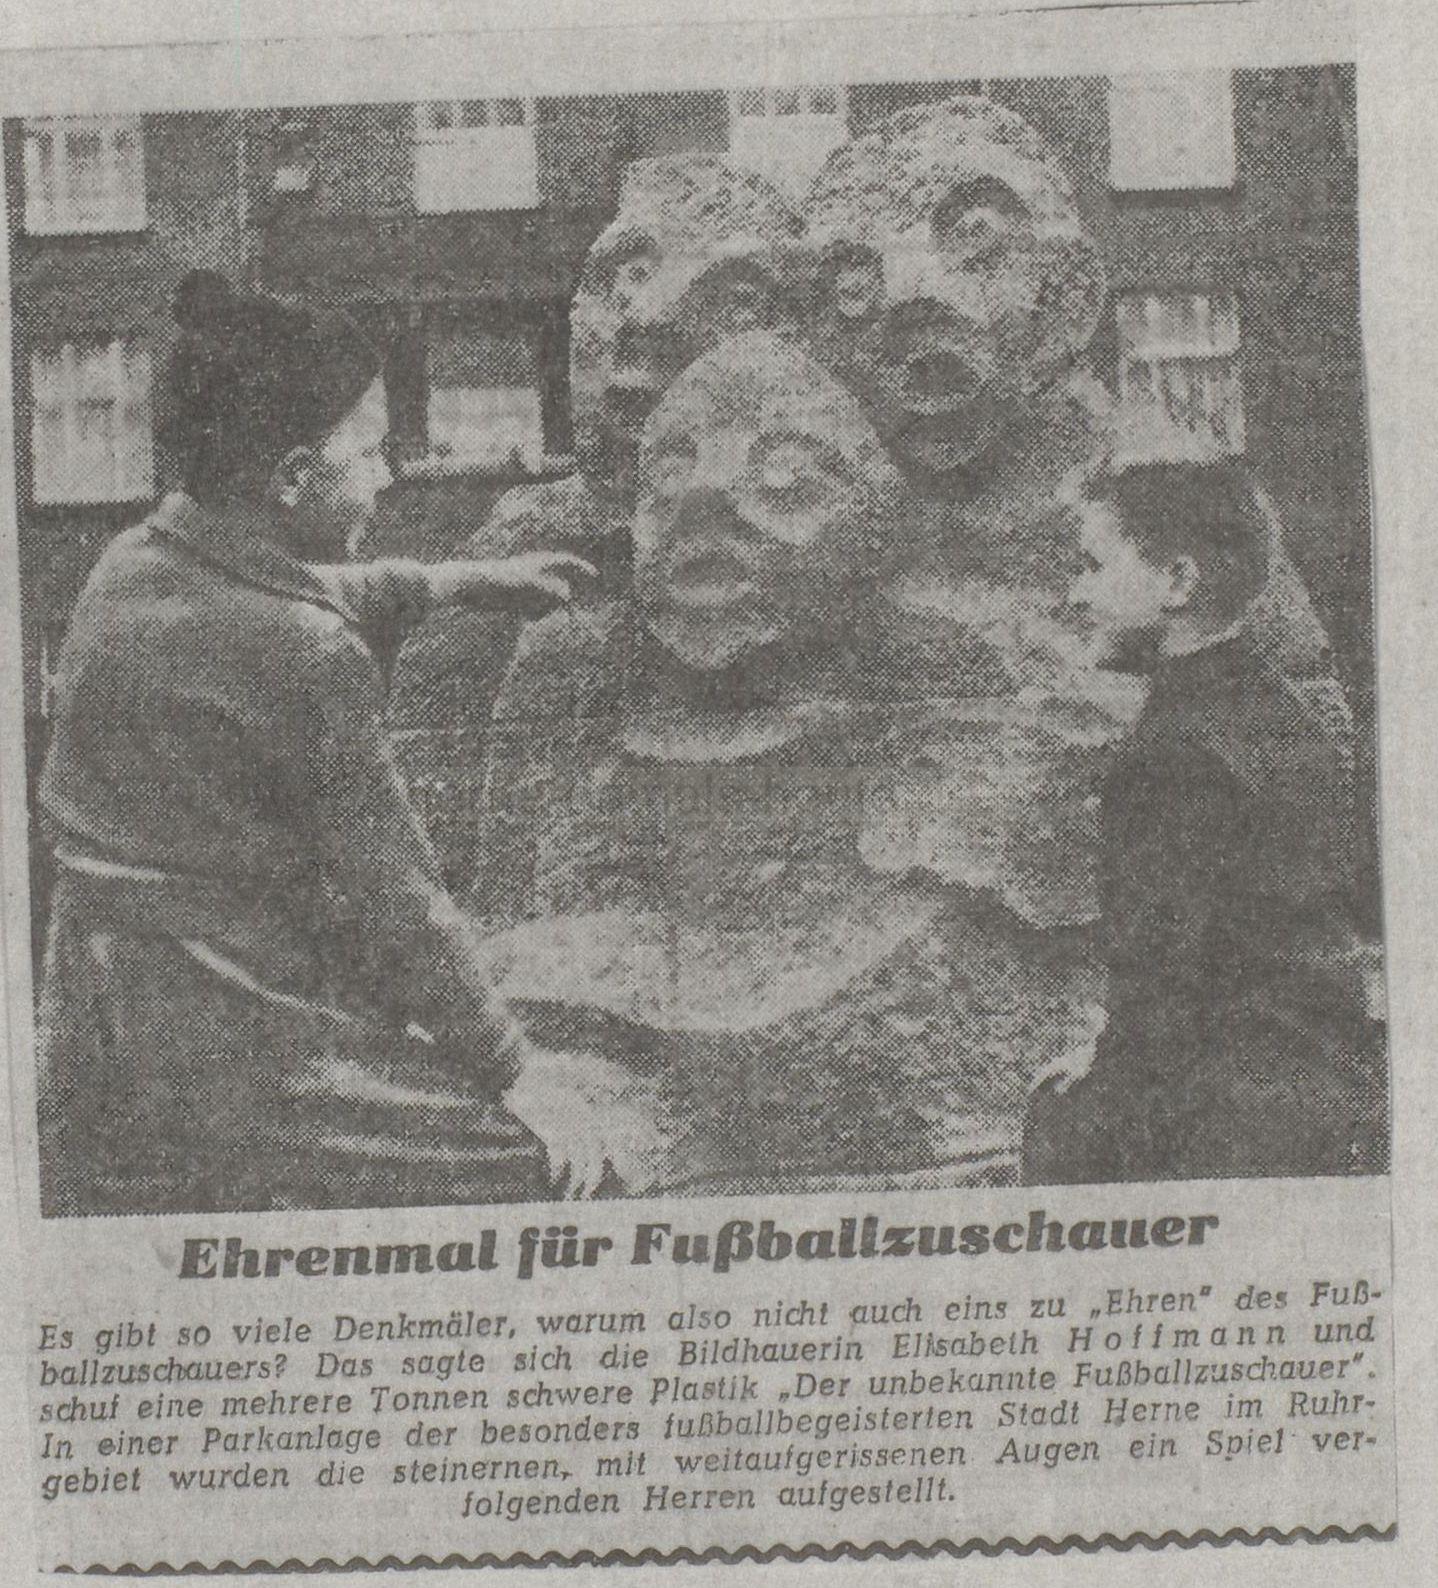 Westfälische Rundschau, Westfalenteil vom 24./25.01.1959, Repro Stadtarchiv Herne